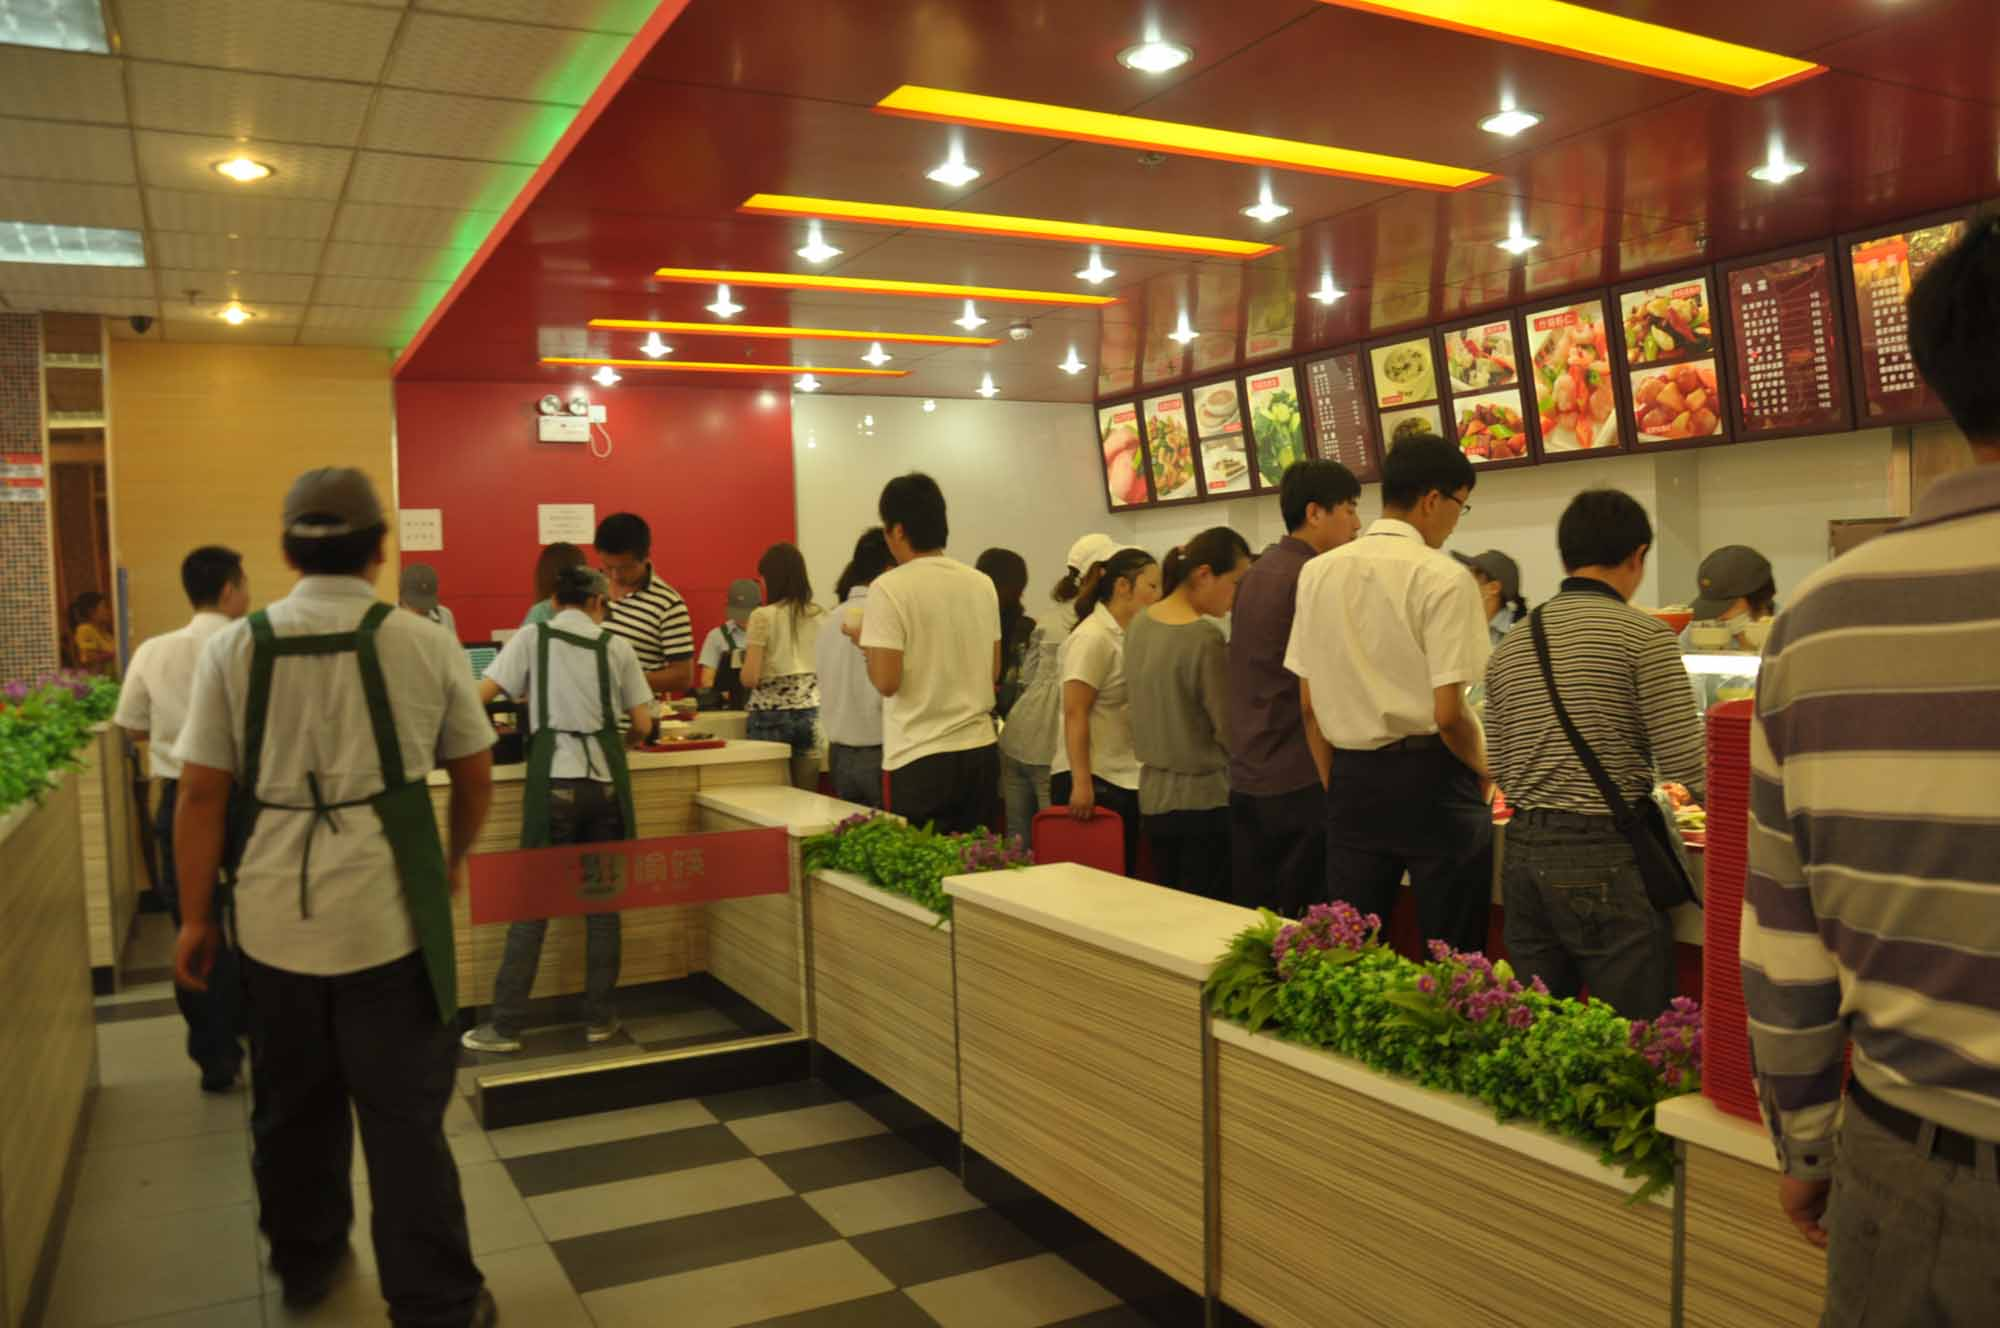 中式快餐加盟怎么吸引顾客?